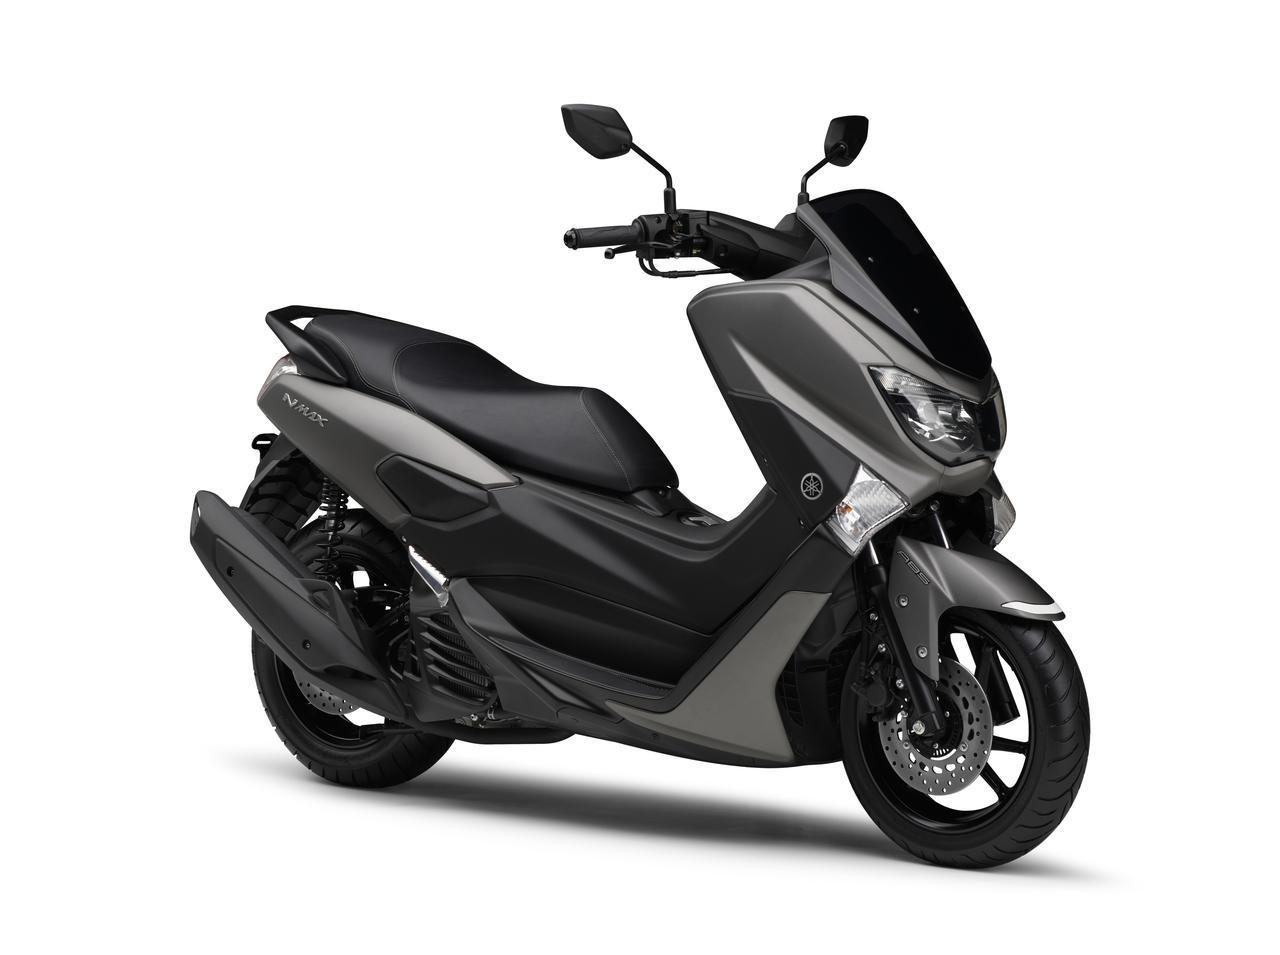 画像9: ヤマハ「NMAX ABS」(2020年)解説&試乗インプレ|YAMAHAで最も高価な125cc二輪スクーターの魅力とは?